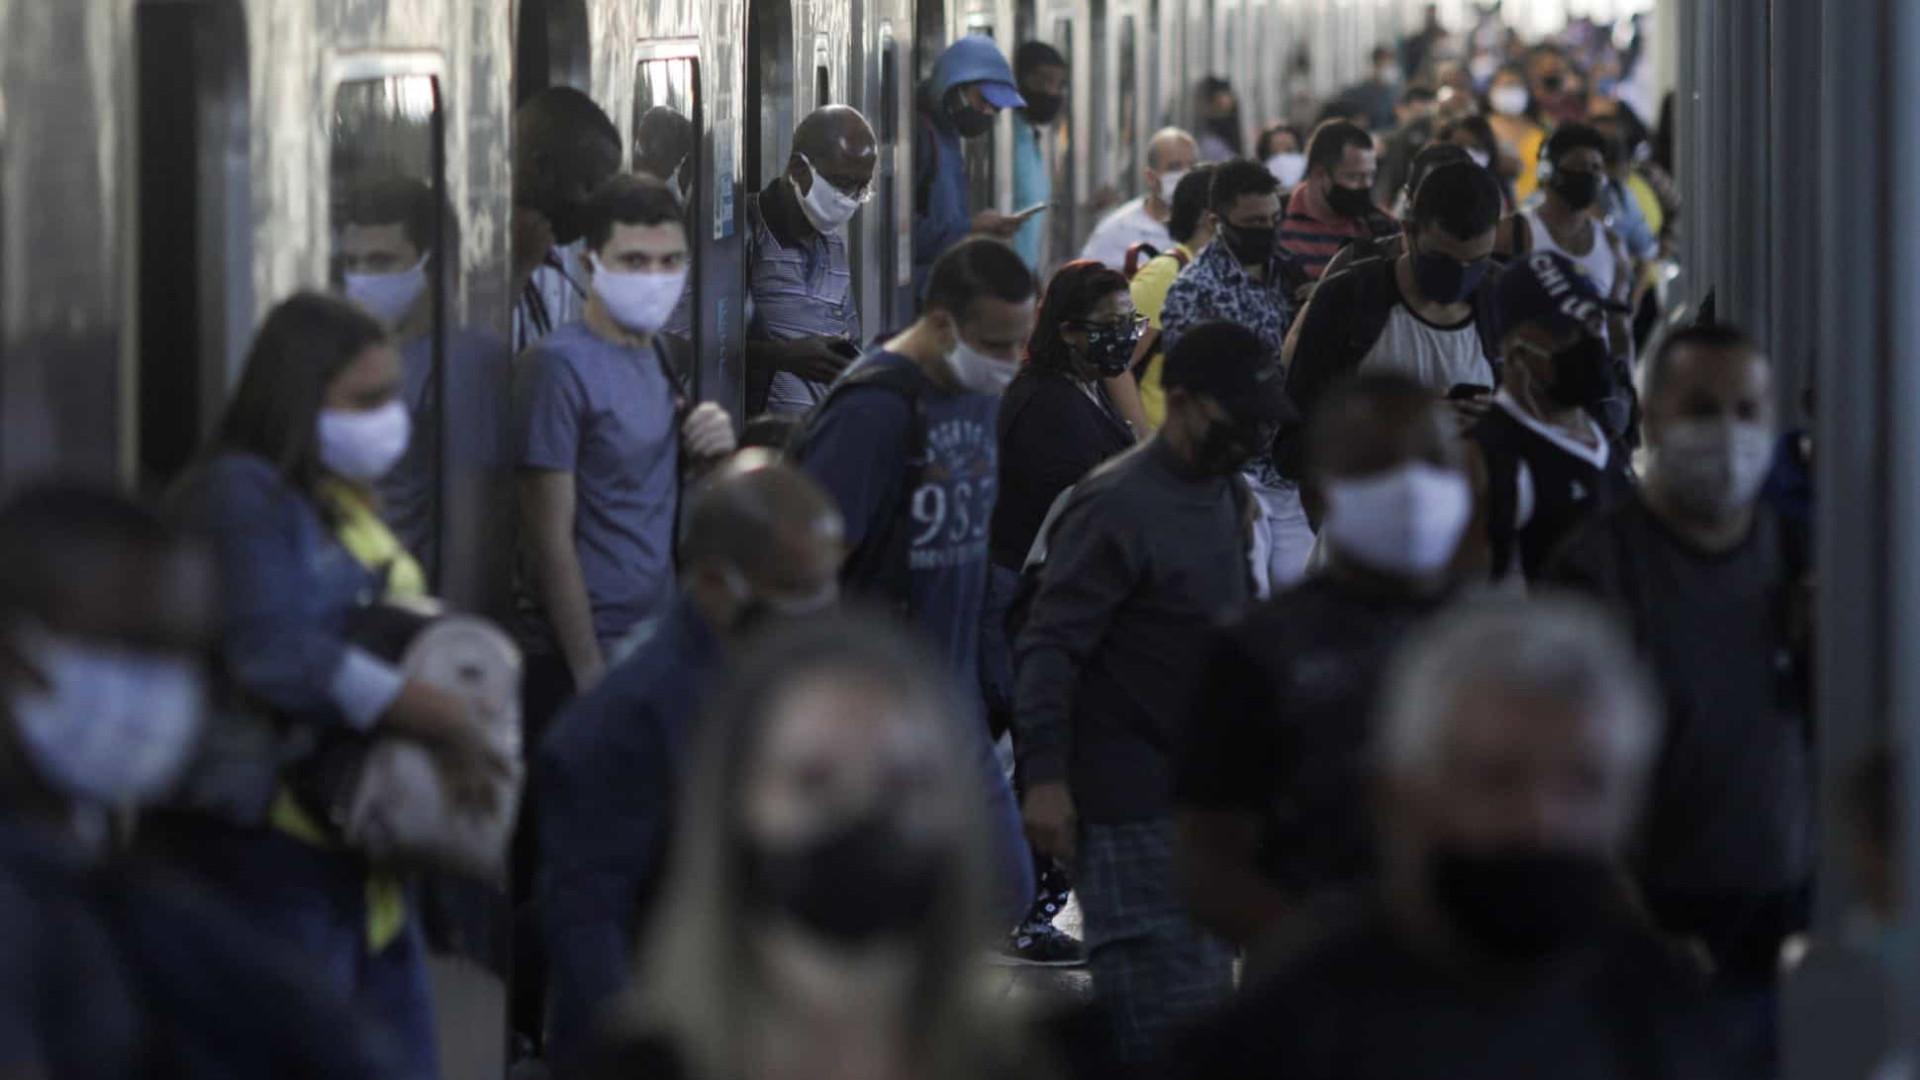 Saúde: País registra 1.280 mortes em 24h, total chega a 59.594